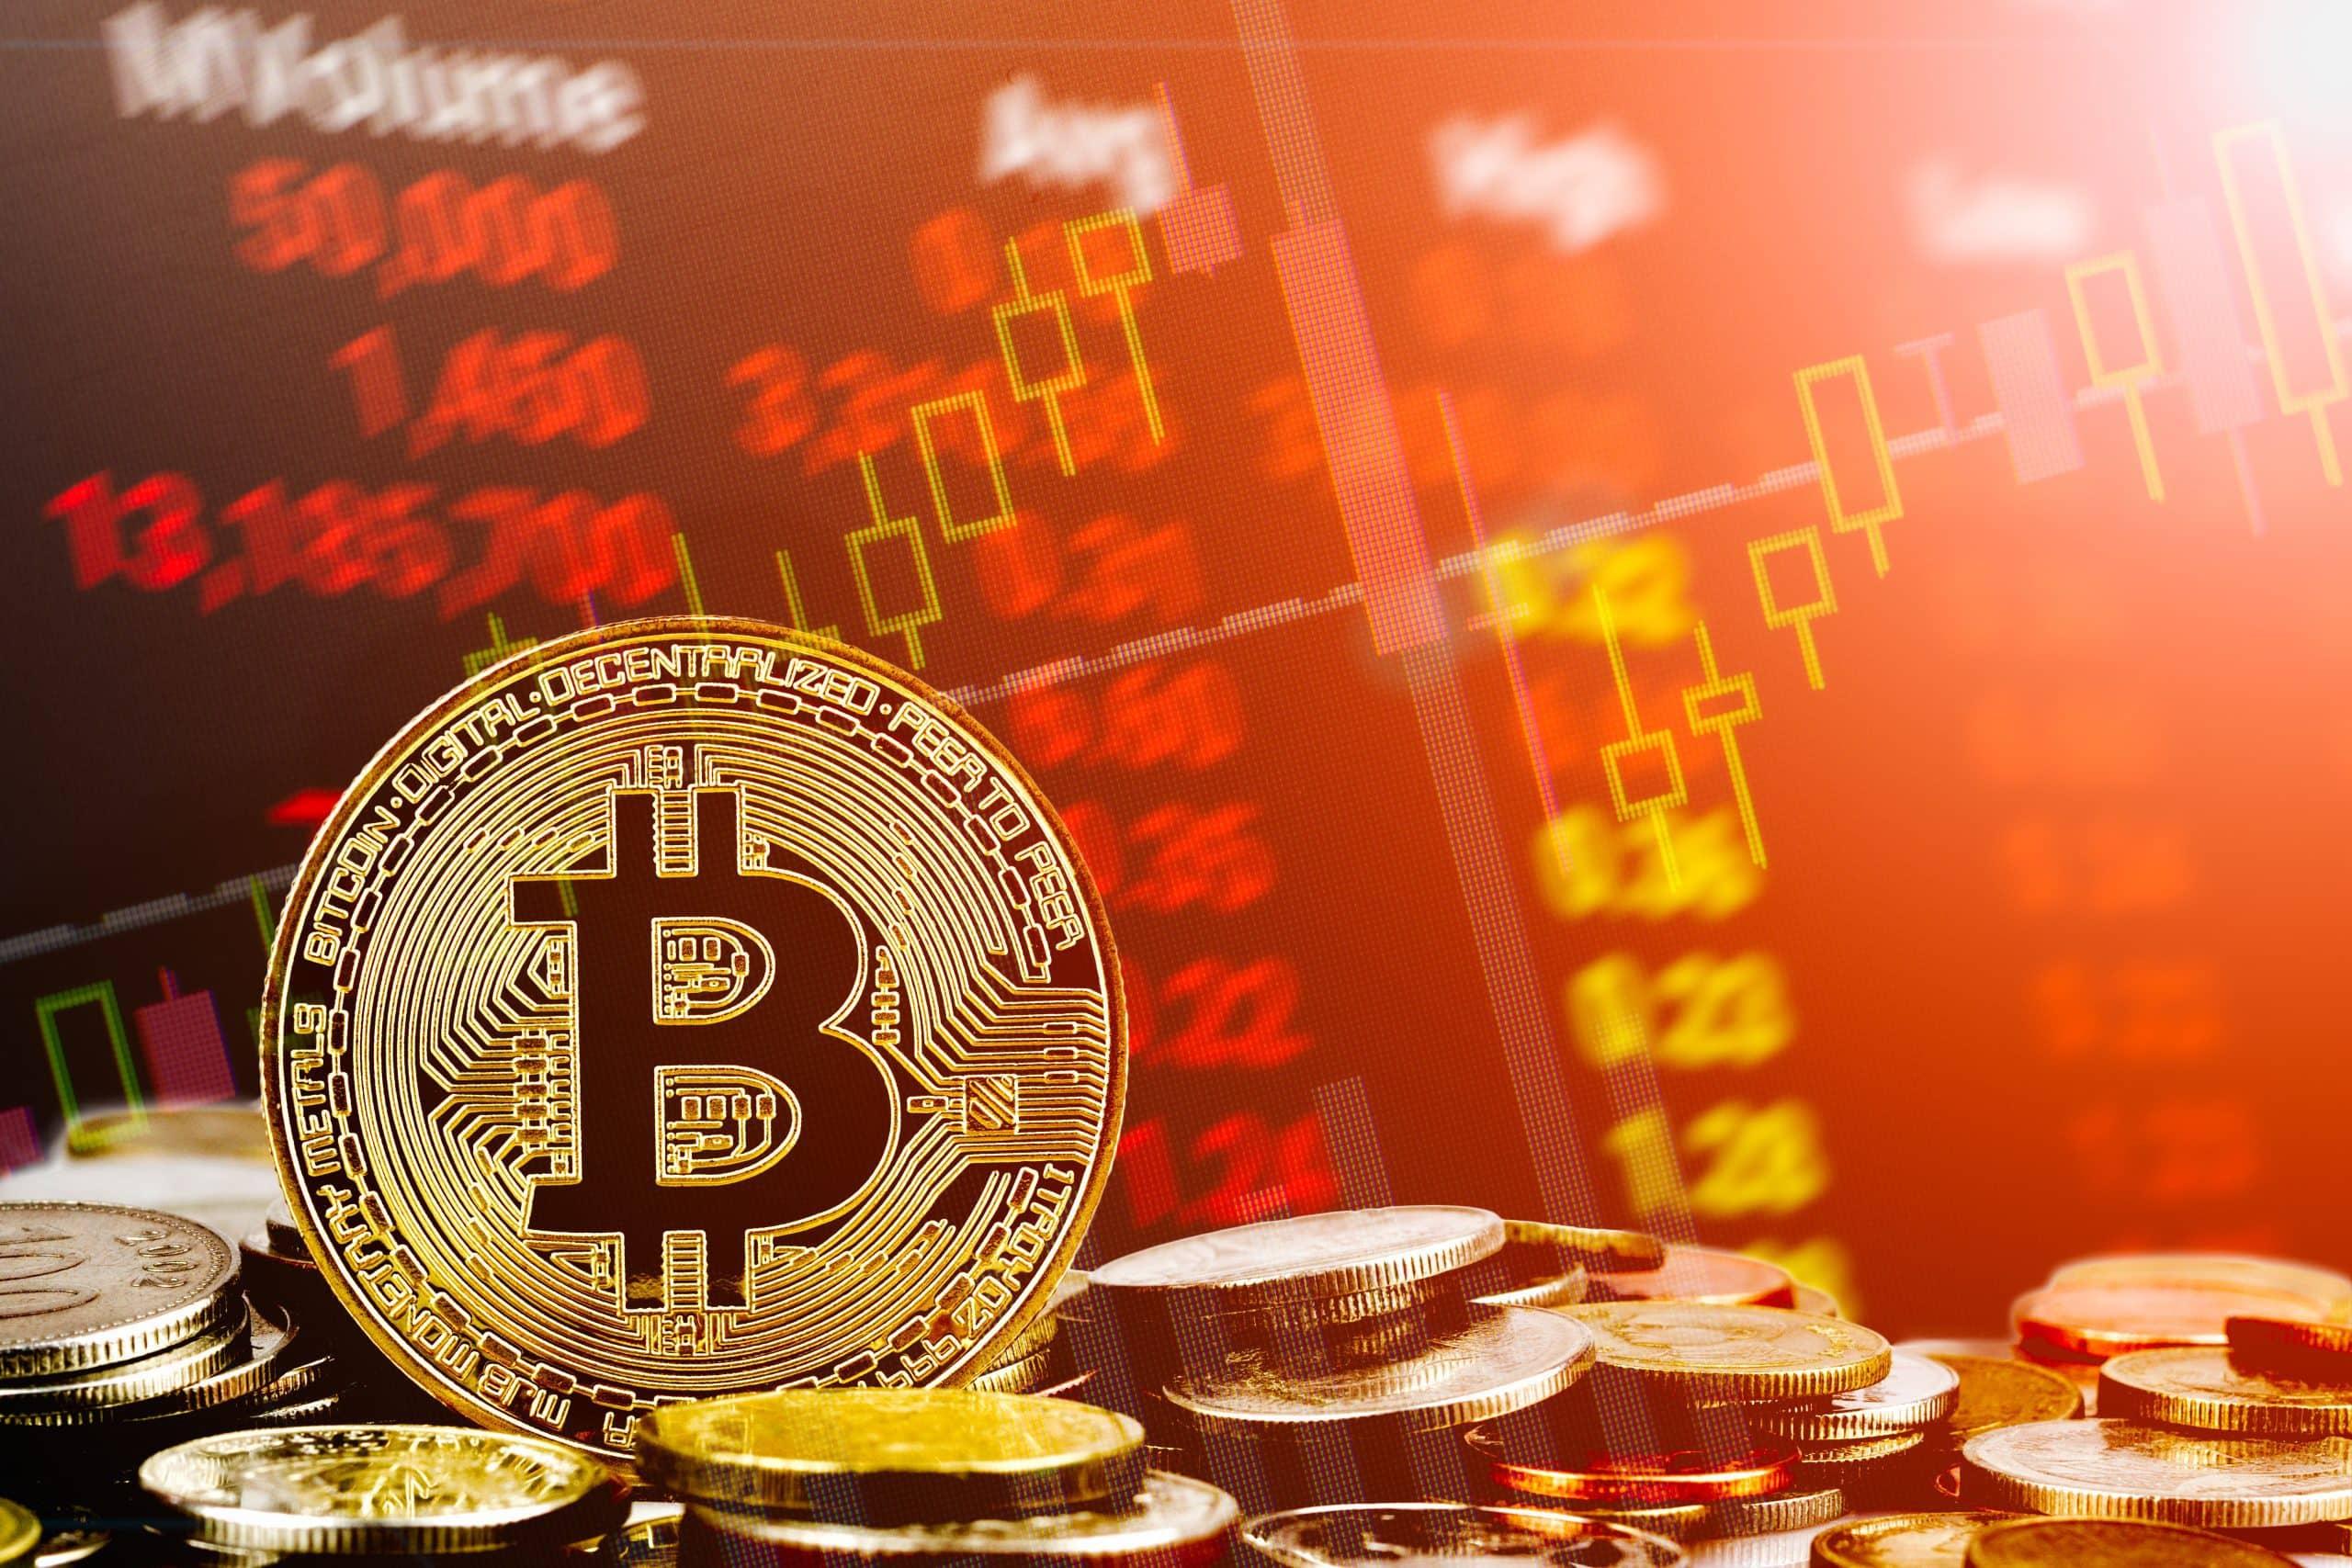 Bitcoin-Kurs kämpft mit Verlusten: Blutbad am Krypto-Markt - BTC-ECHO